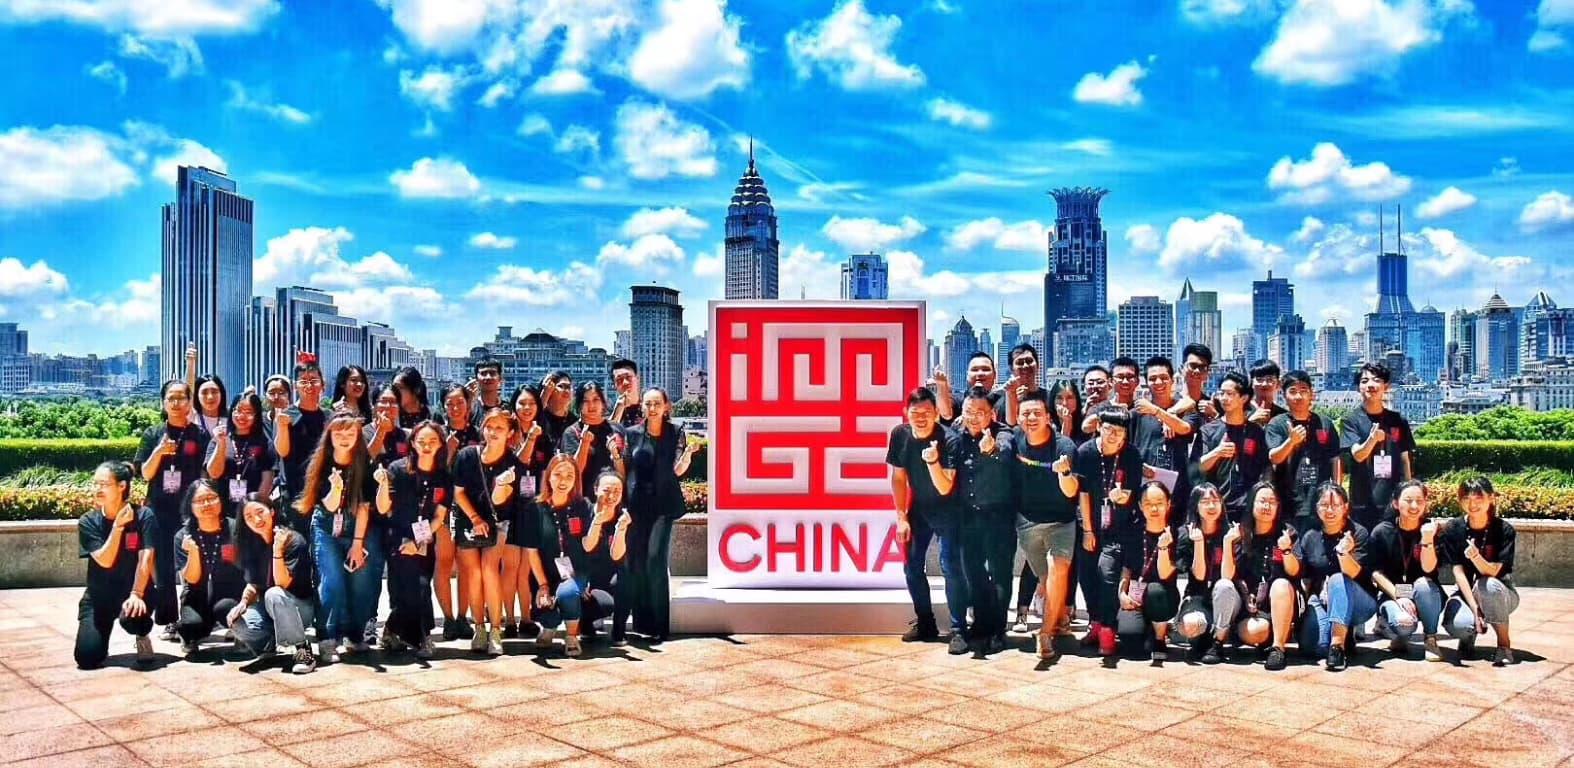 IMGA China attendees